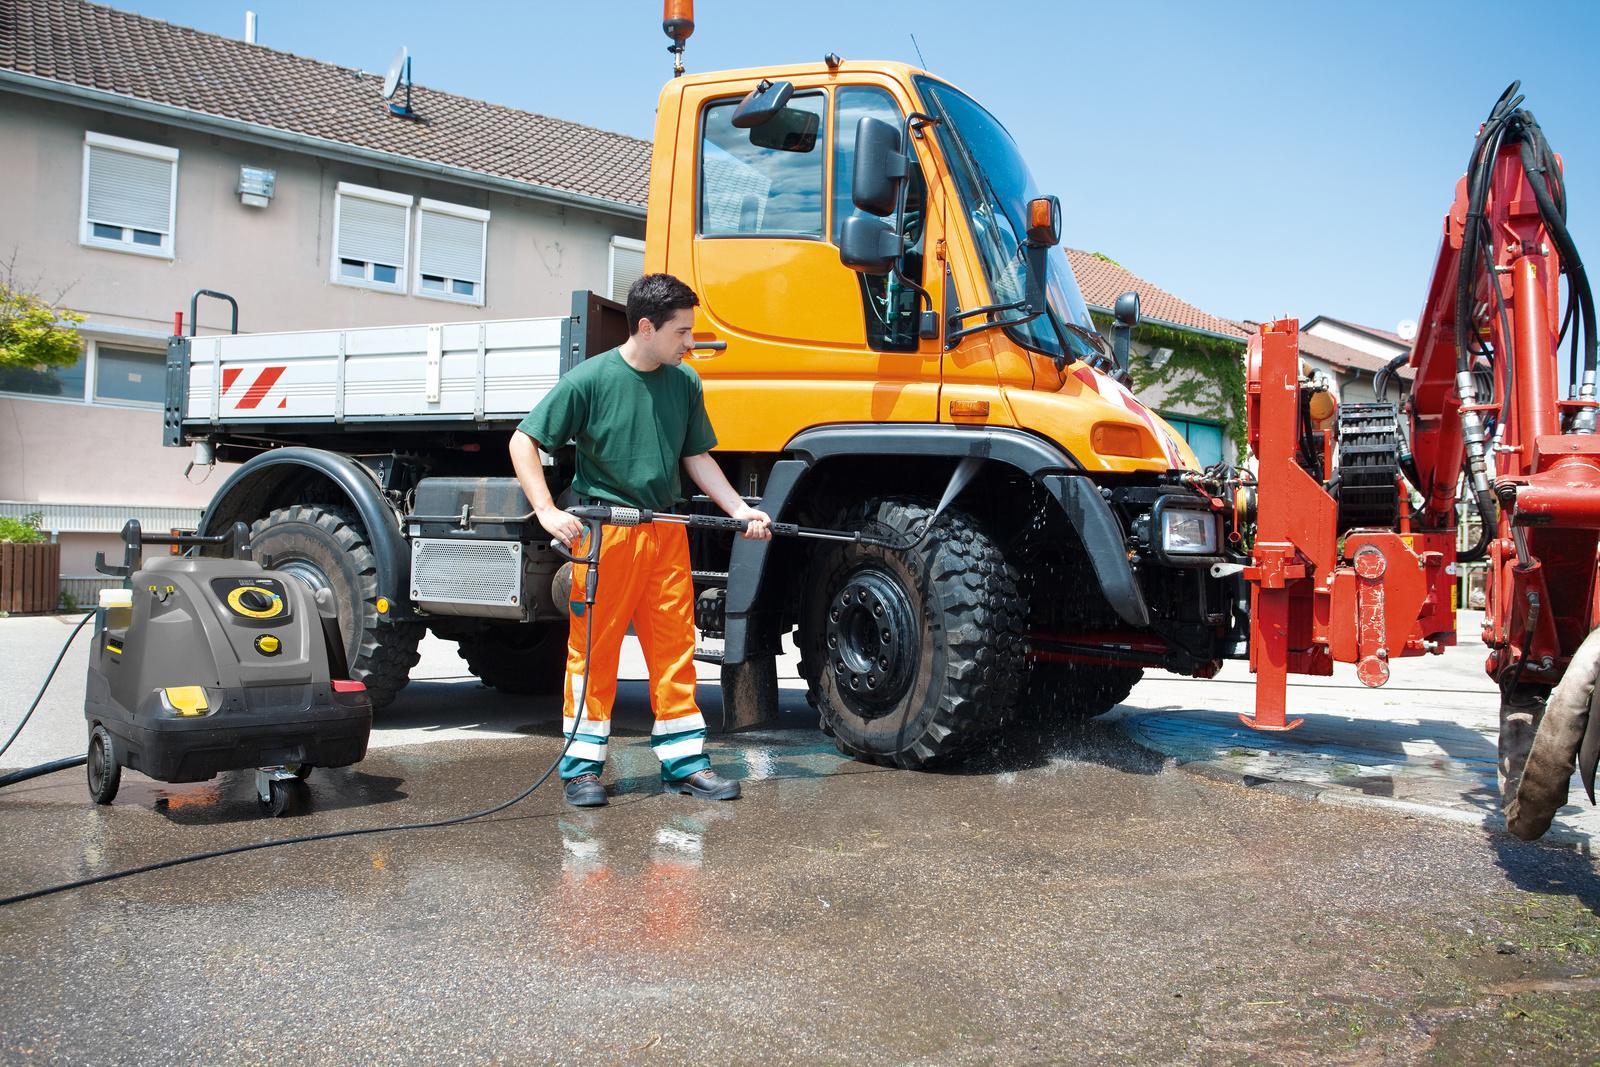 Karcher Hds 6 12 C 240v Hot Water Pressure Washer